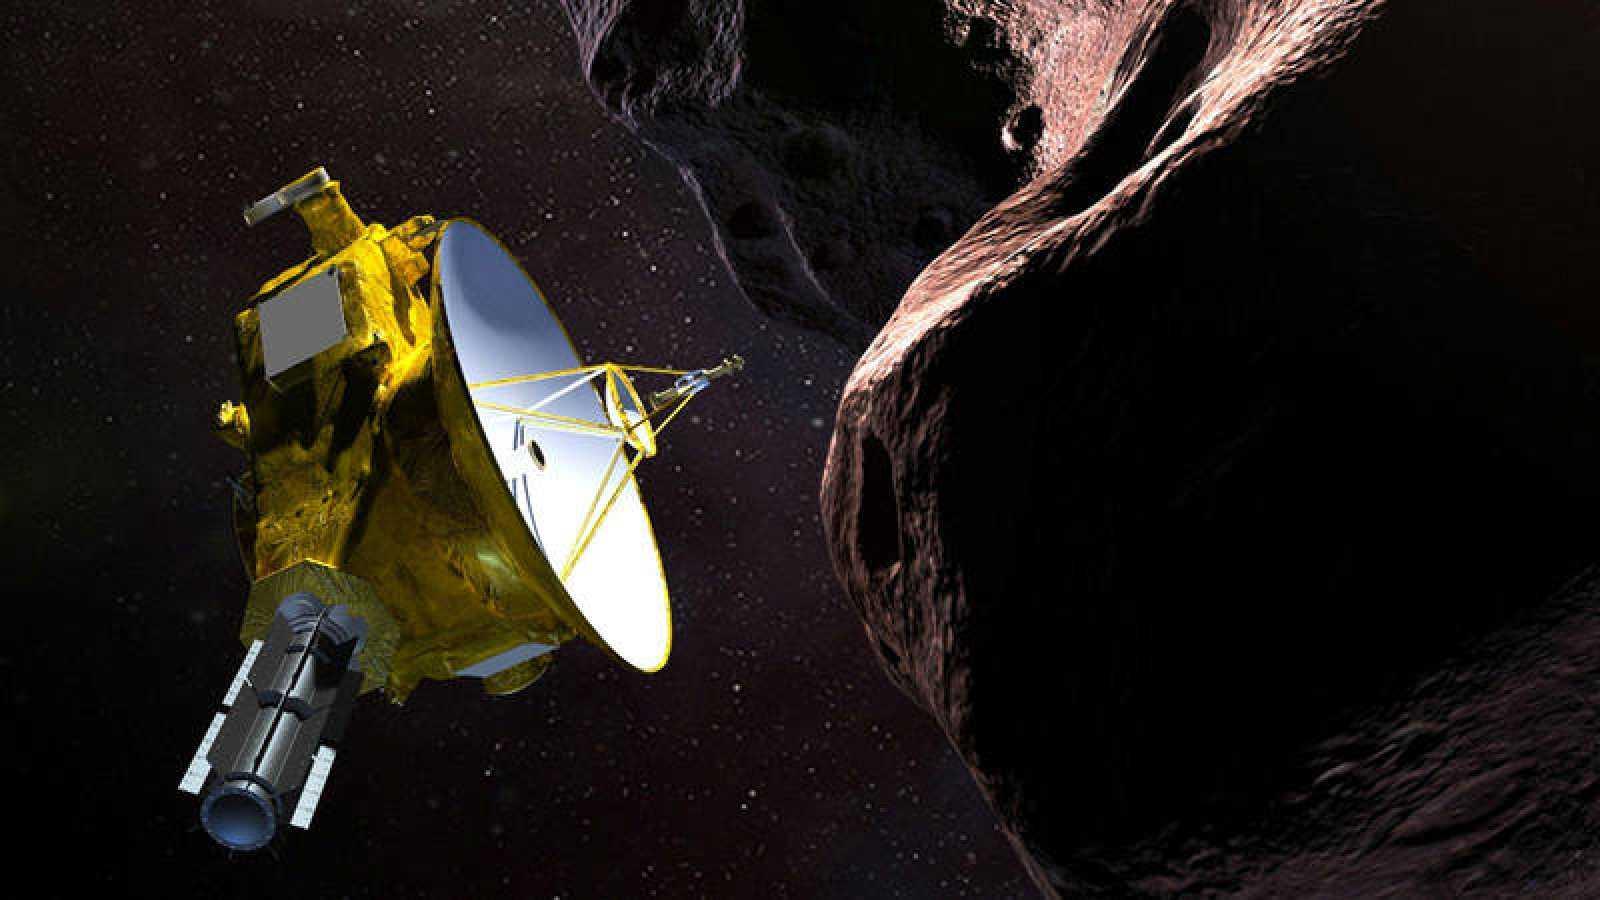 """Representación de la nave espacial New Horizons de la NASA, sobre """"Ultima Thule"""", que significa en latín """"un lugar más allá del mundo conocido""""."""